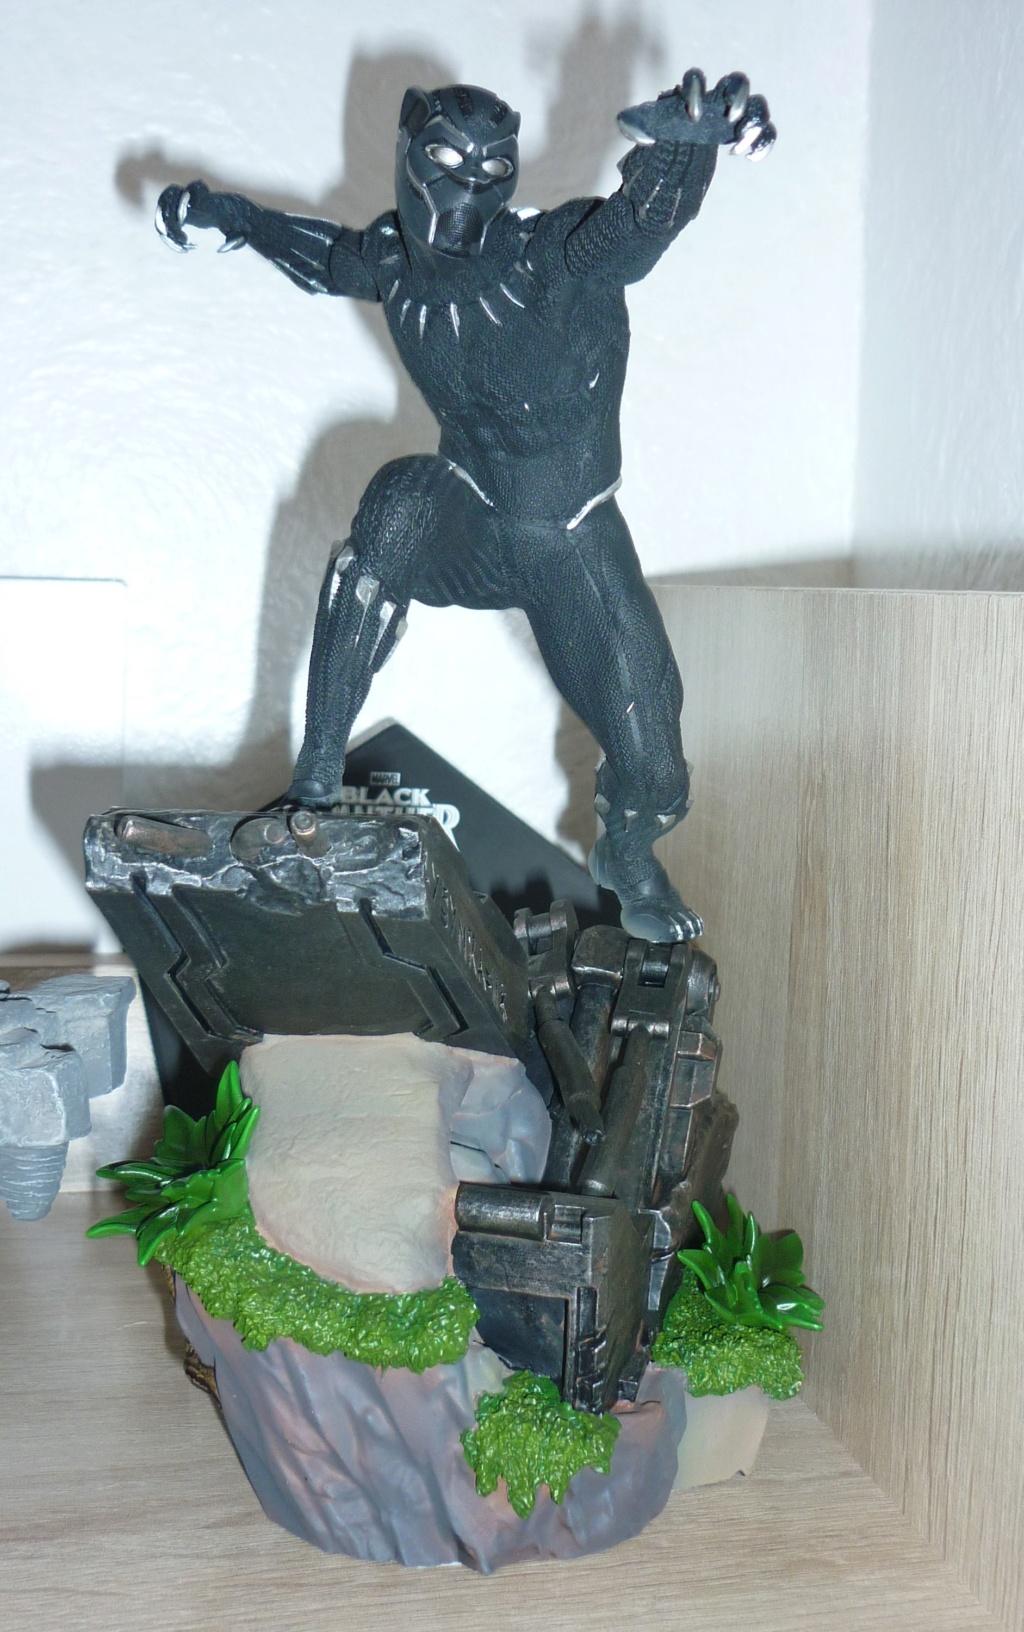 Bustes et statues Bowen et autres - Page 5 P1040828